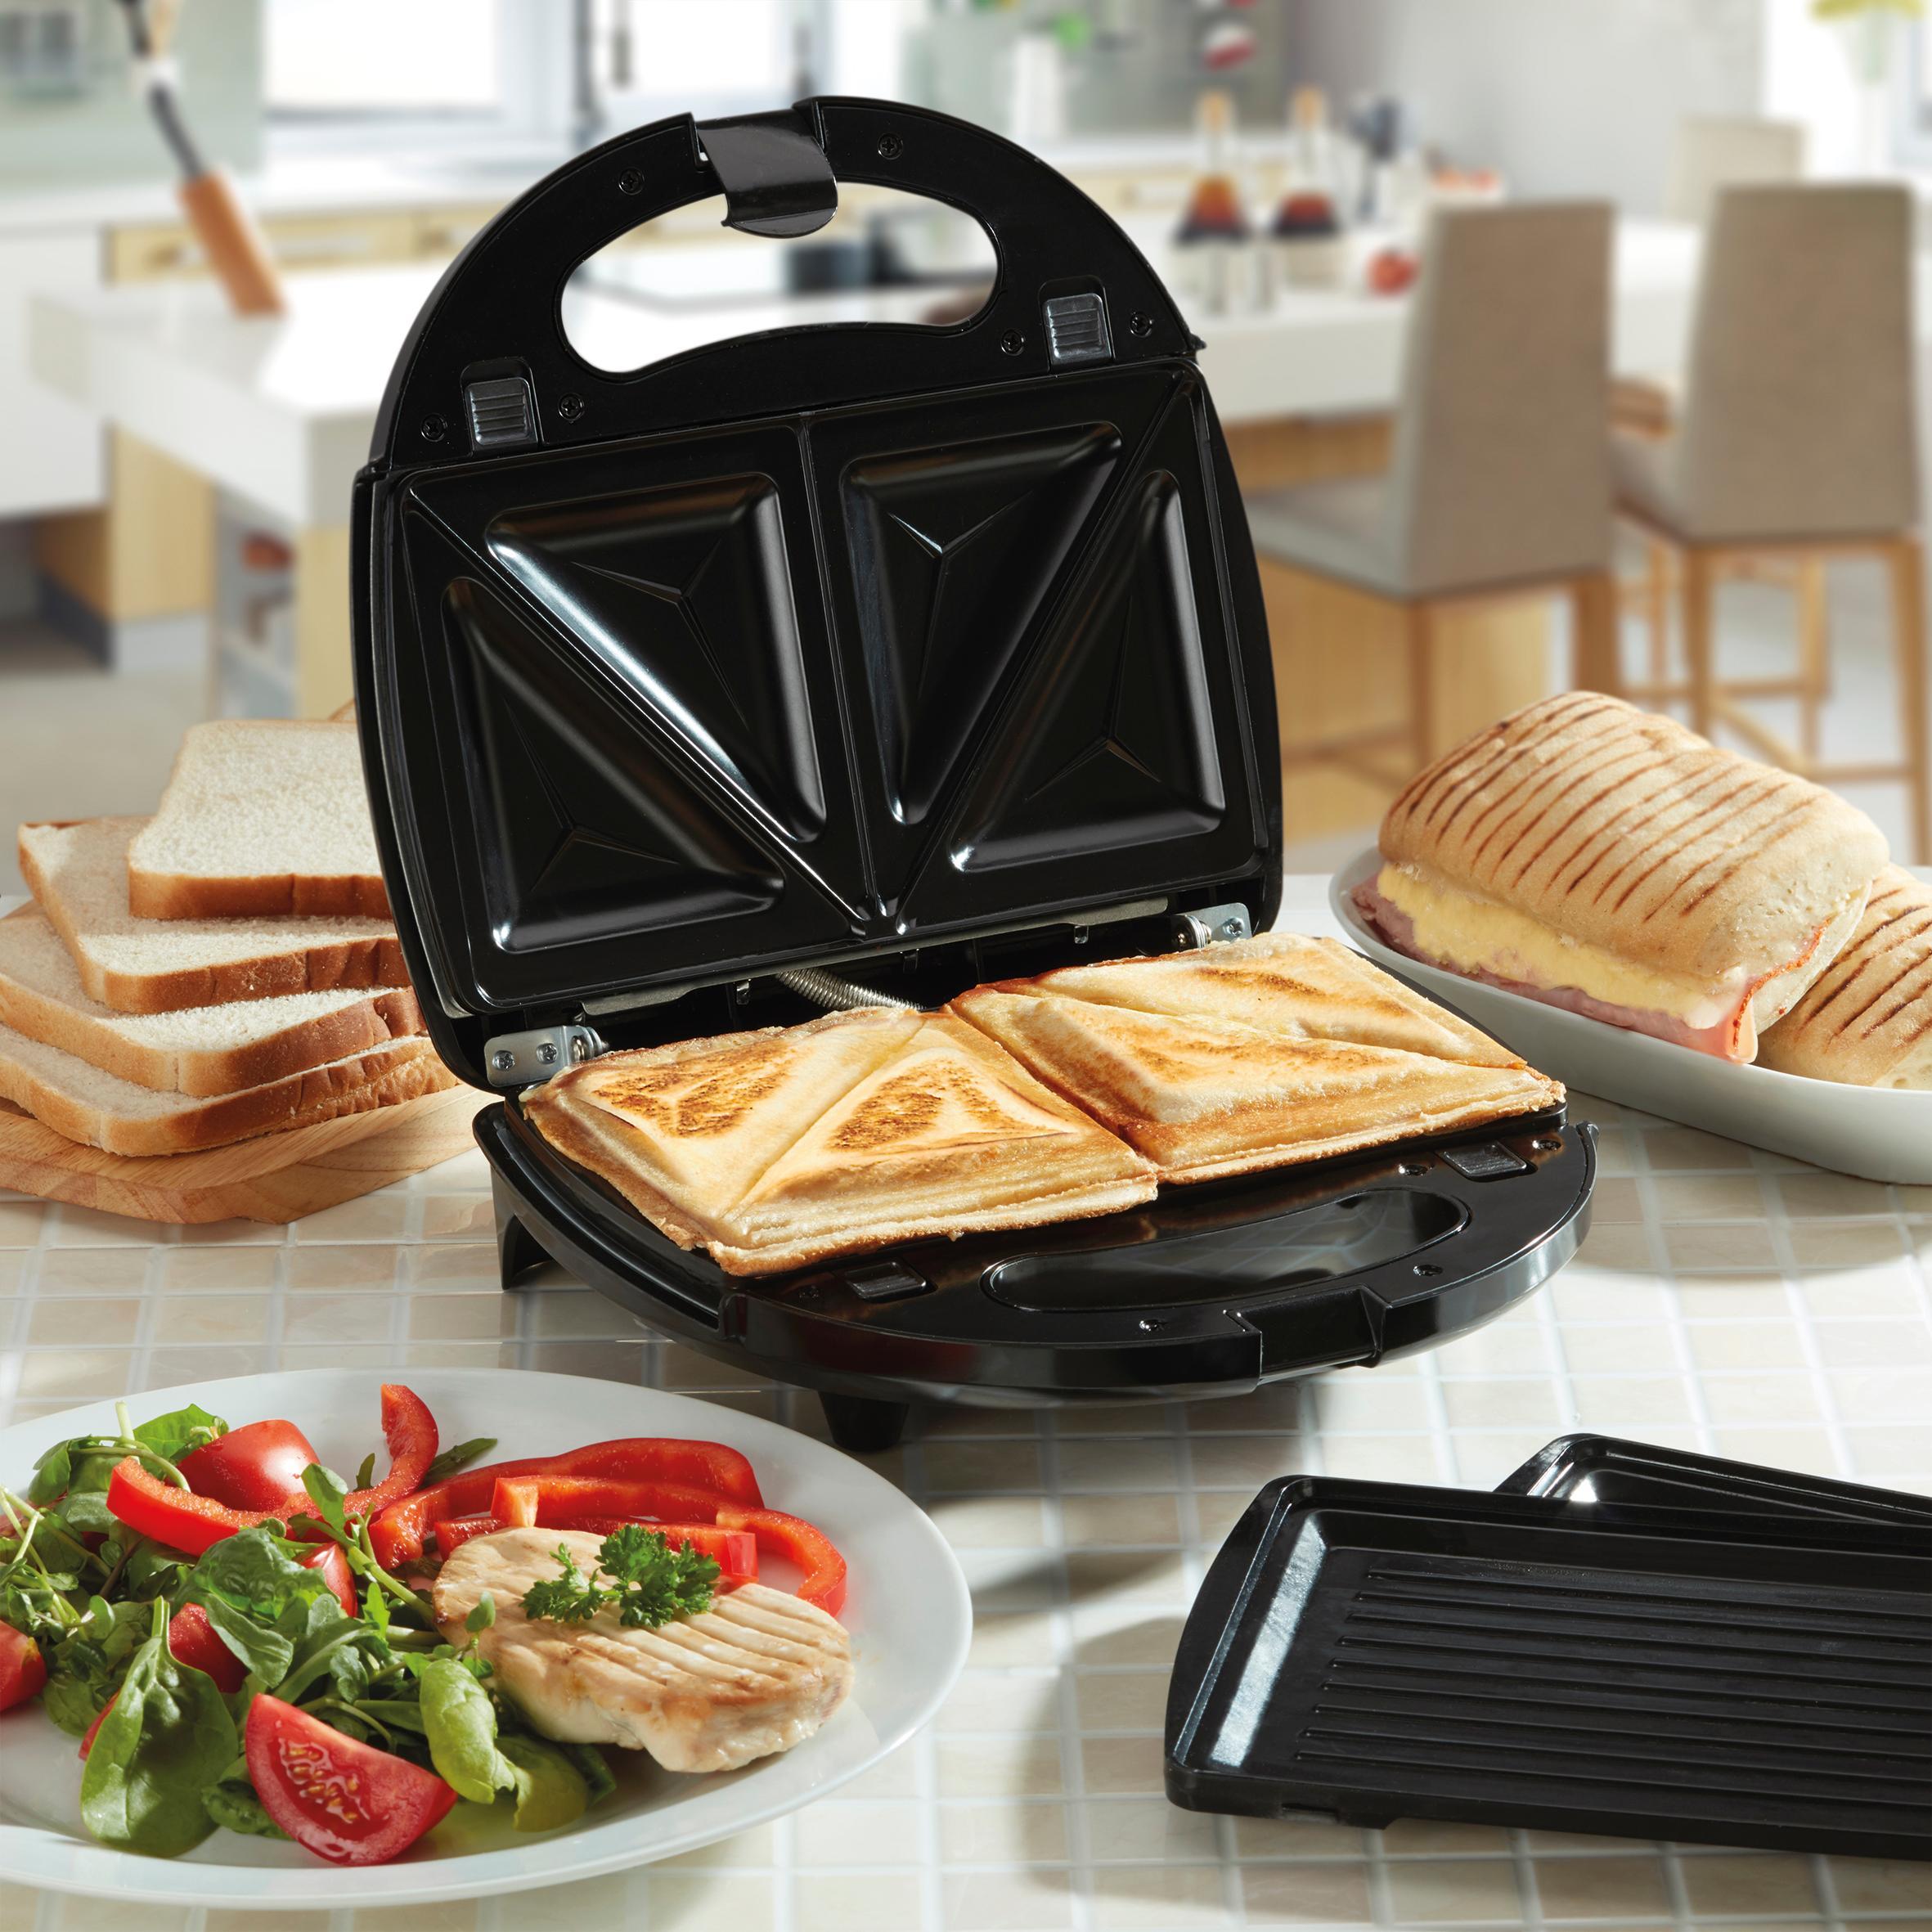 поздравления илье блюда в бутерброднице рецепты с фото подключает его члену